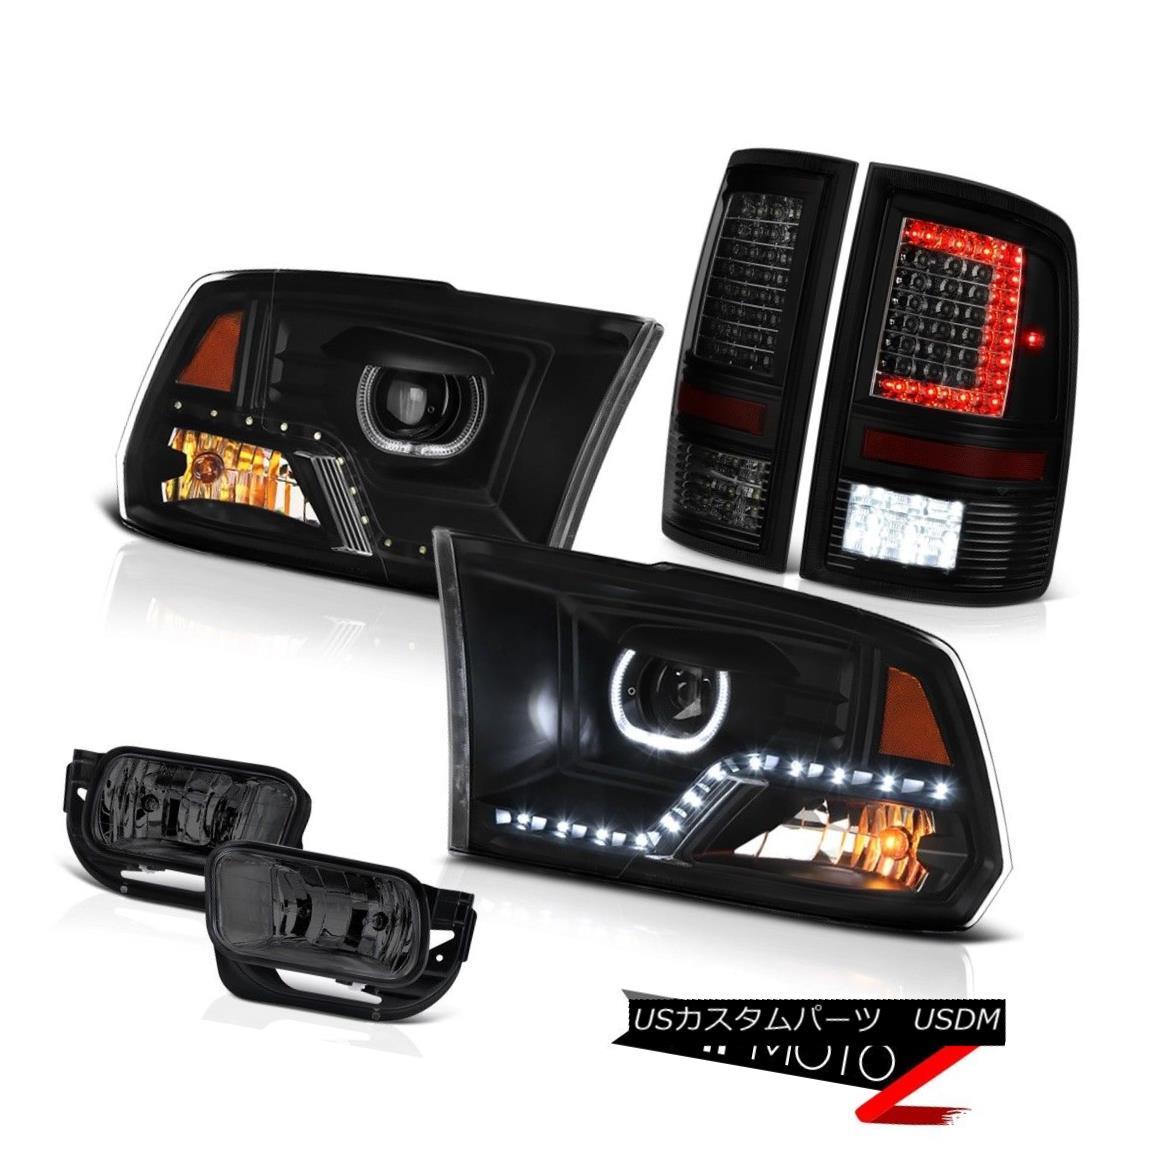 ヘッドライト 2010-2018 Dodge RAM 3500 Tail Light Raven Black Headlamp Driving Assembly PAIR 2010-2018ダッジRAM 3500テールライトレーブンブラックヘッドランプドライビングアセンブリペア